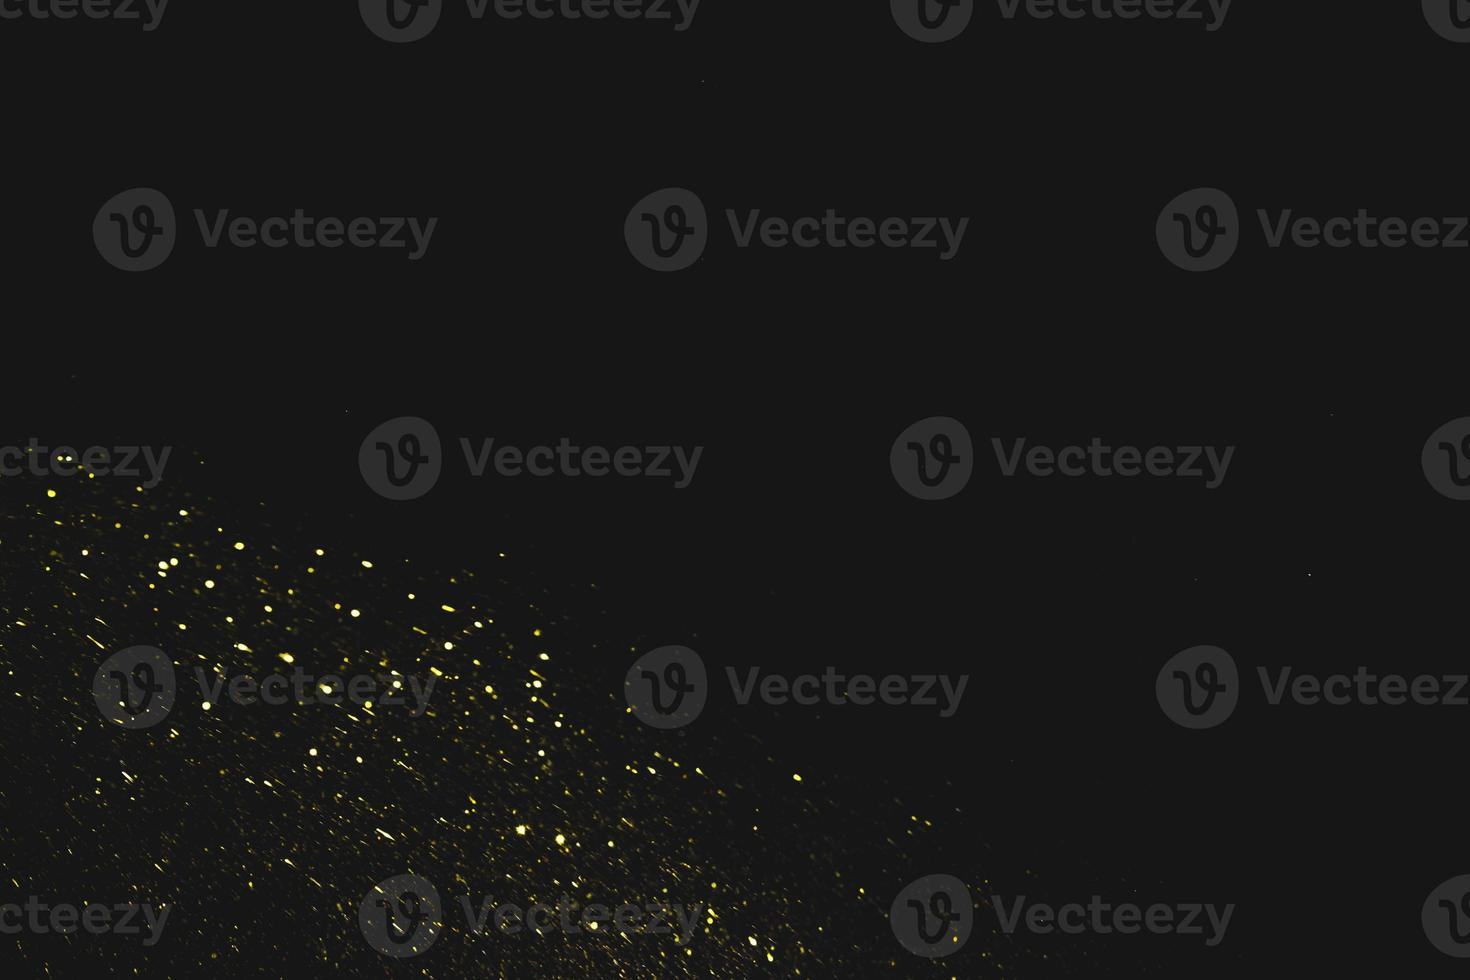 gula paljetter på mörk bakgrund foto